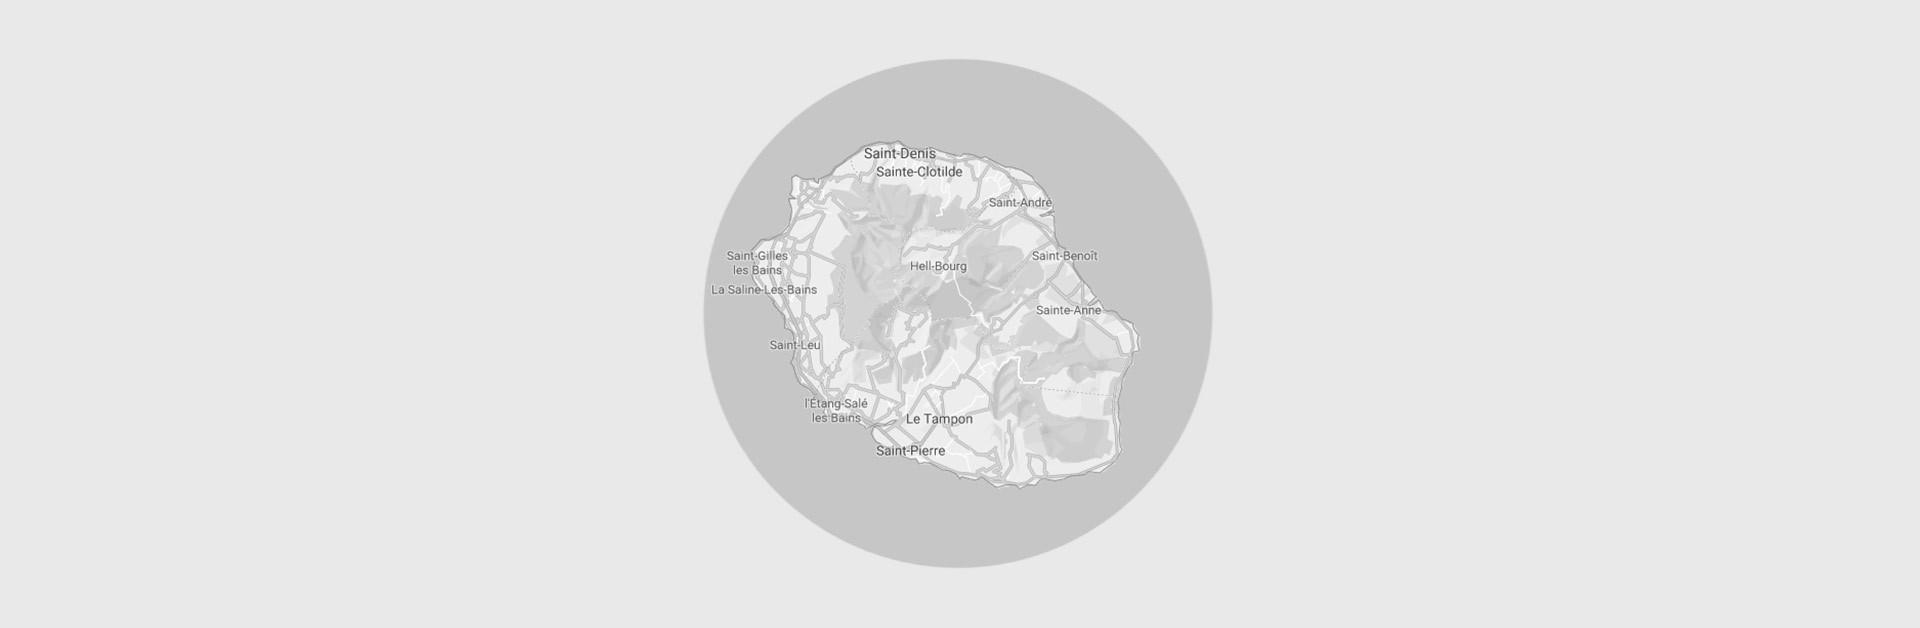 enseignes en agglomération et sur route à La Réunion | Markali